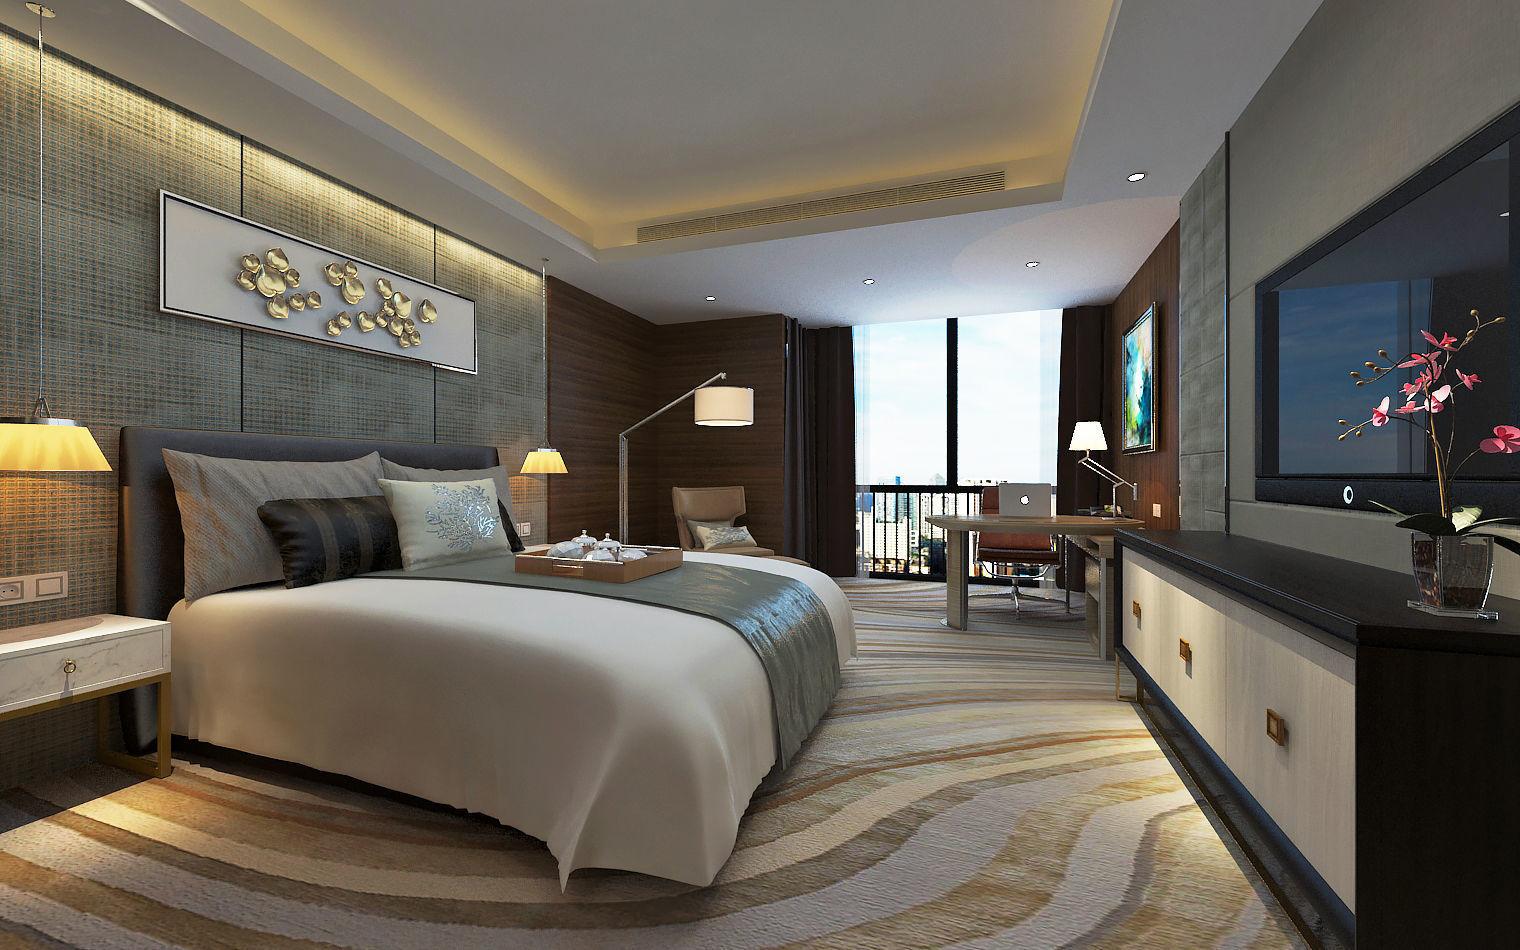 Design Hotel Bedroom Modern Design